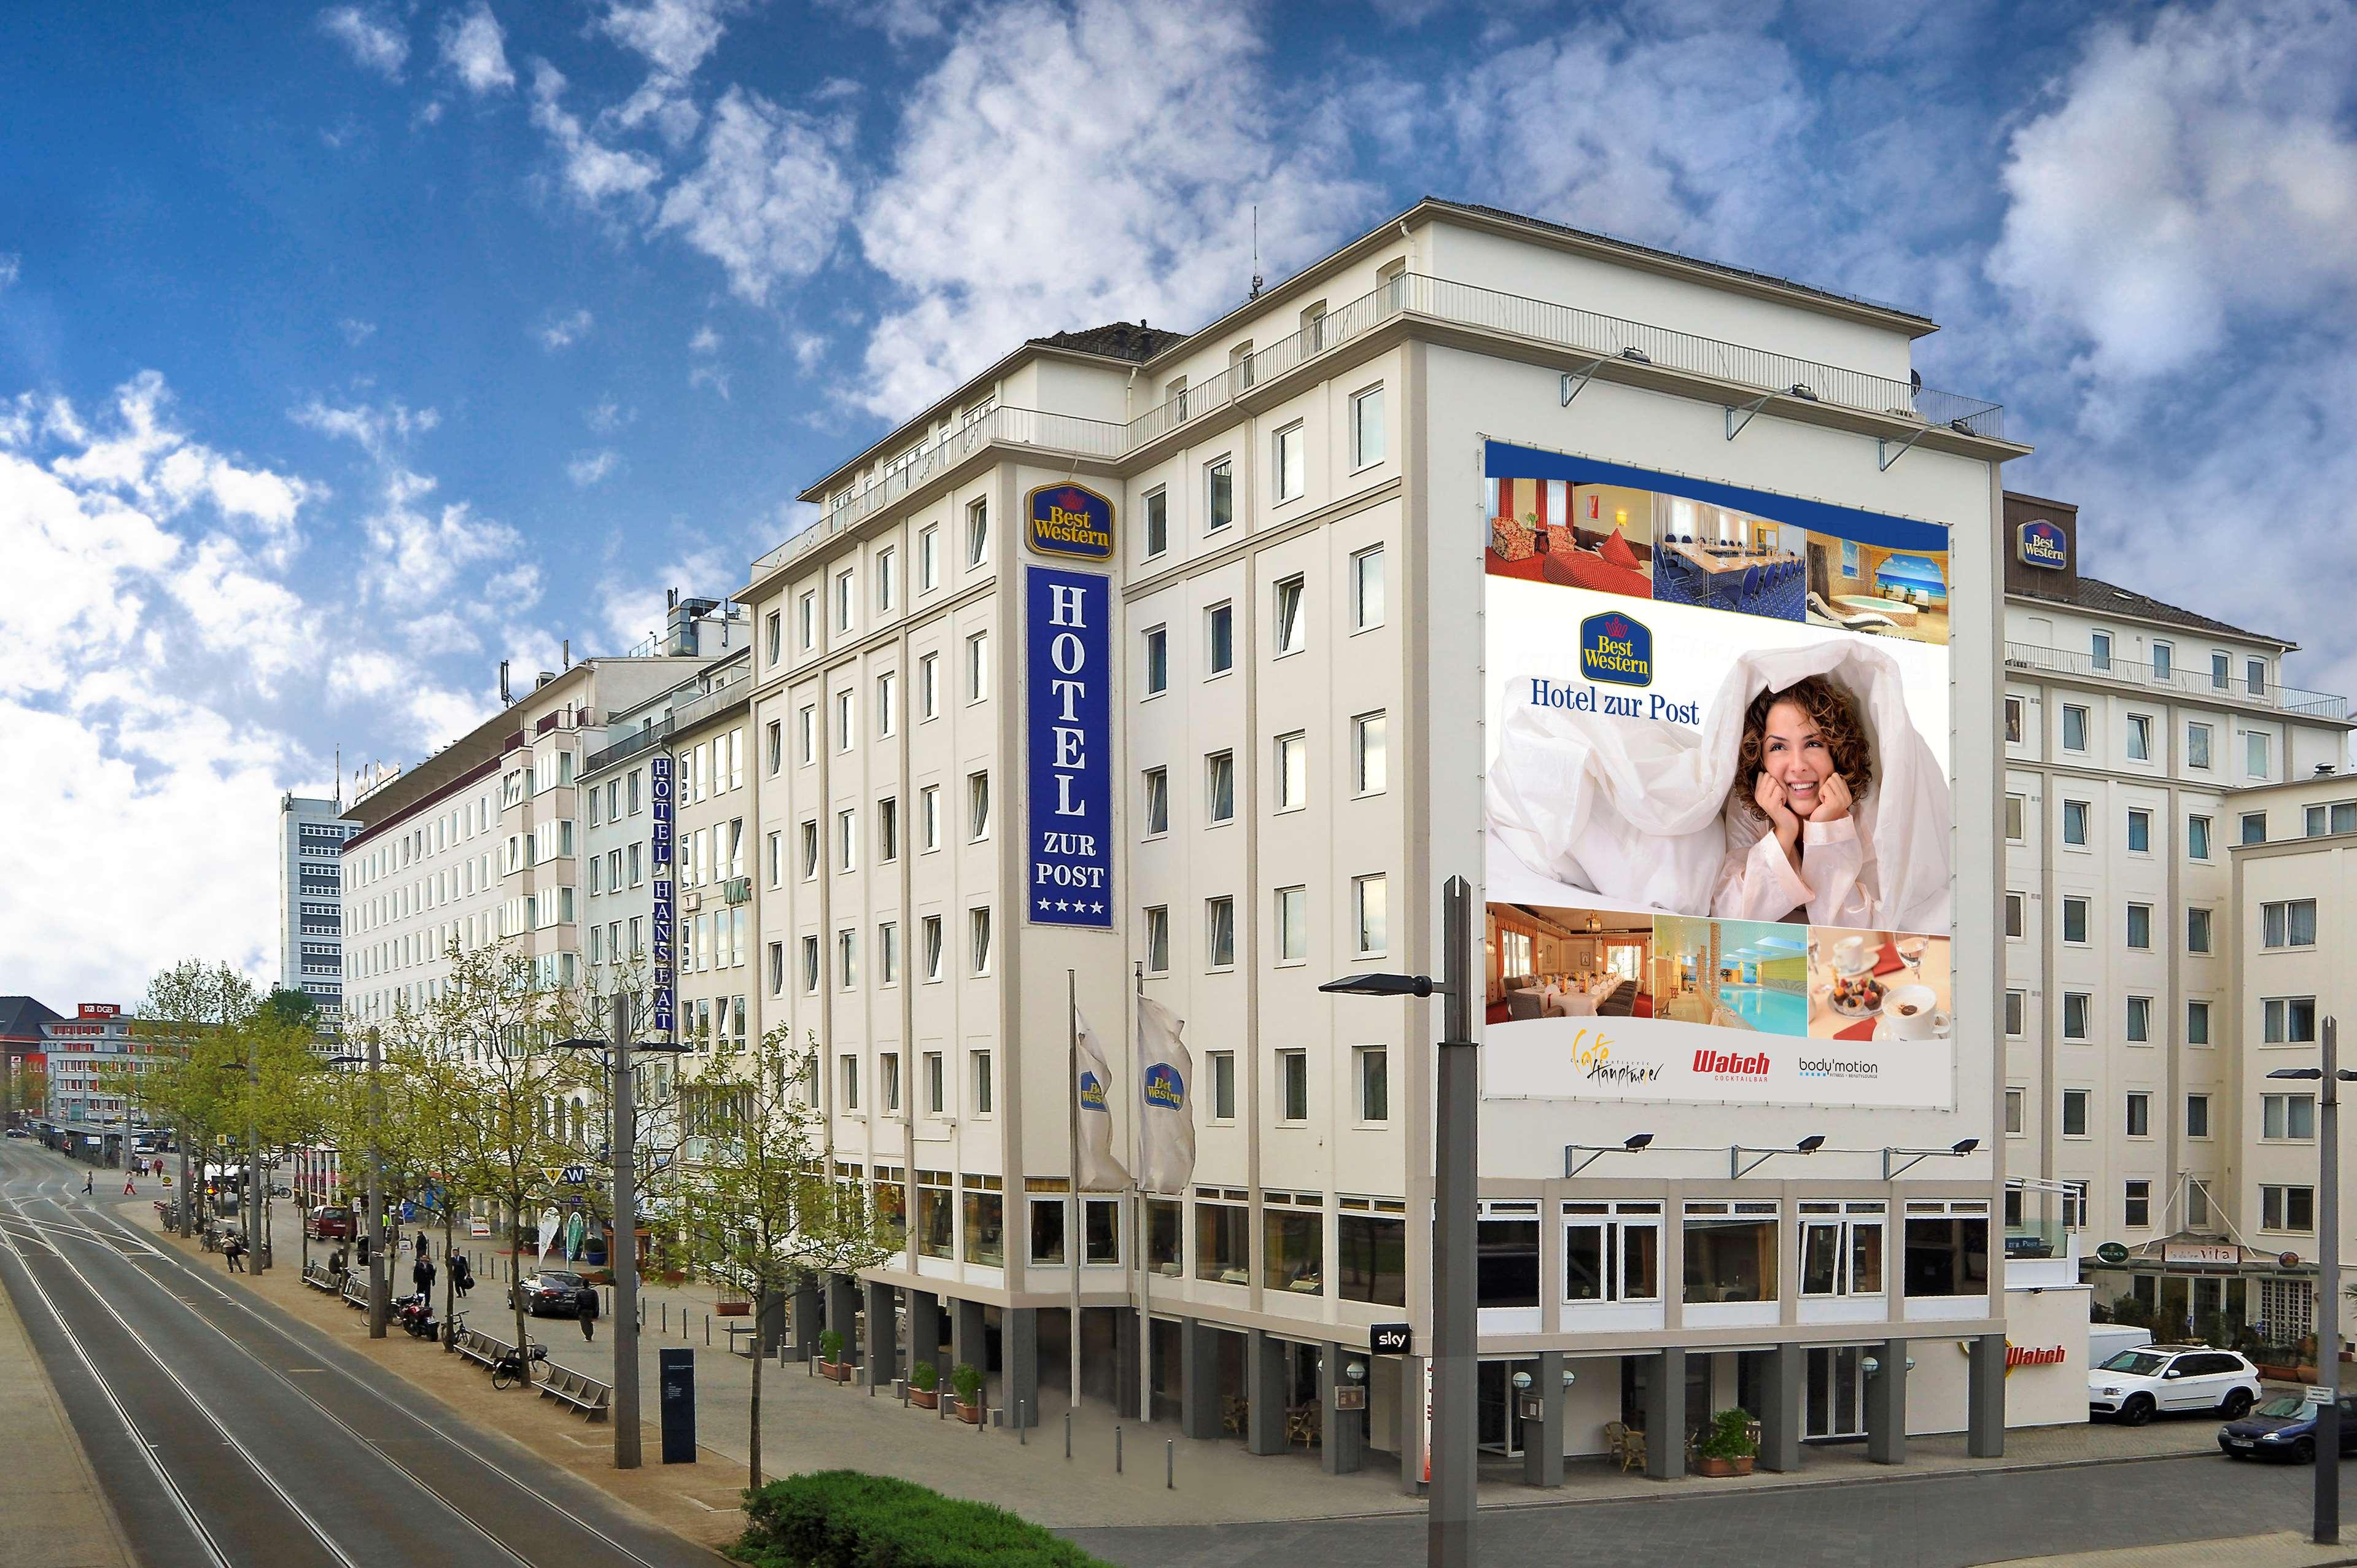 best western hotel zur post hotels hotels restaurants bremen deutschland tel 042130. Black Bedroom Furniture Sets. Home Design Ideas